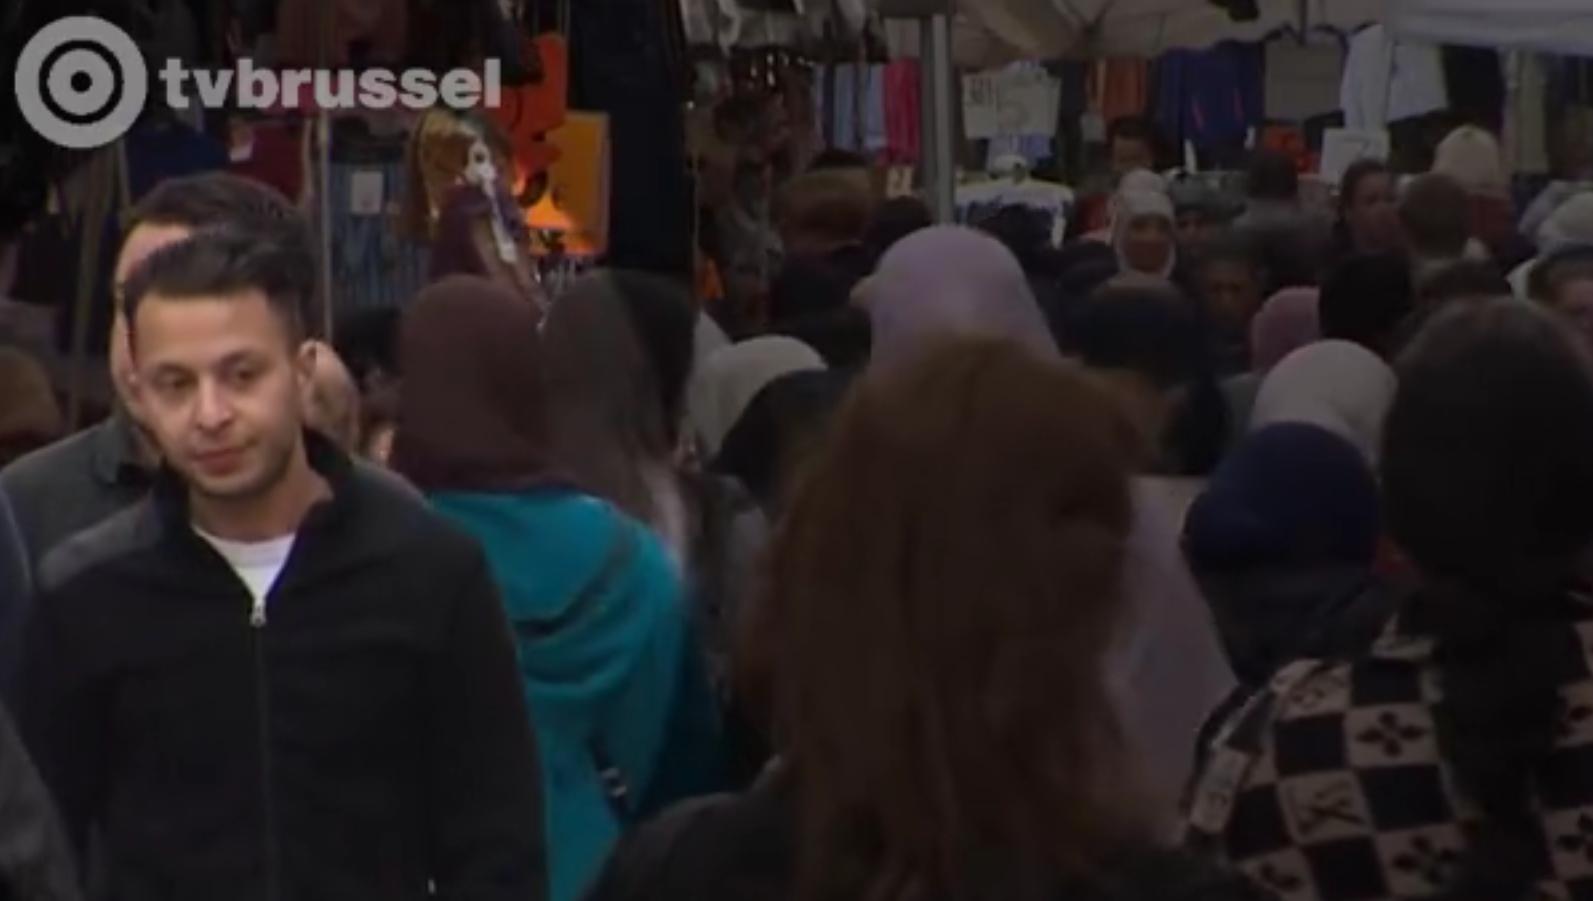 """Salah Abdeslam est """"un petit con de Molenbeek"""" et a """"l'intelligence d'un cendrier vide"""" selon son avocat"""